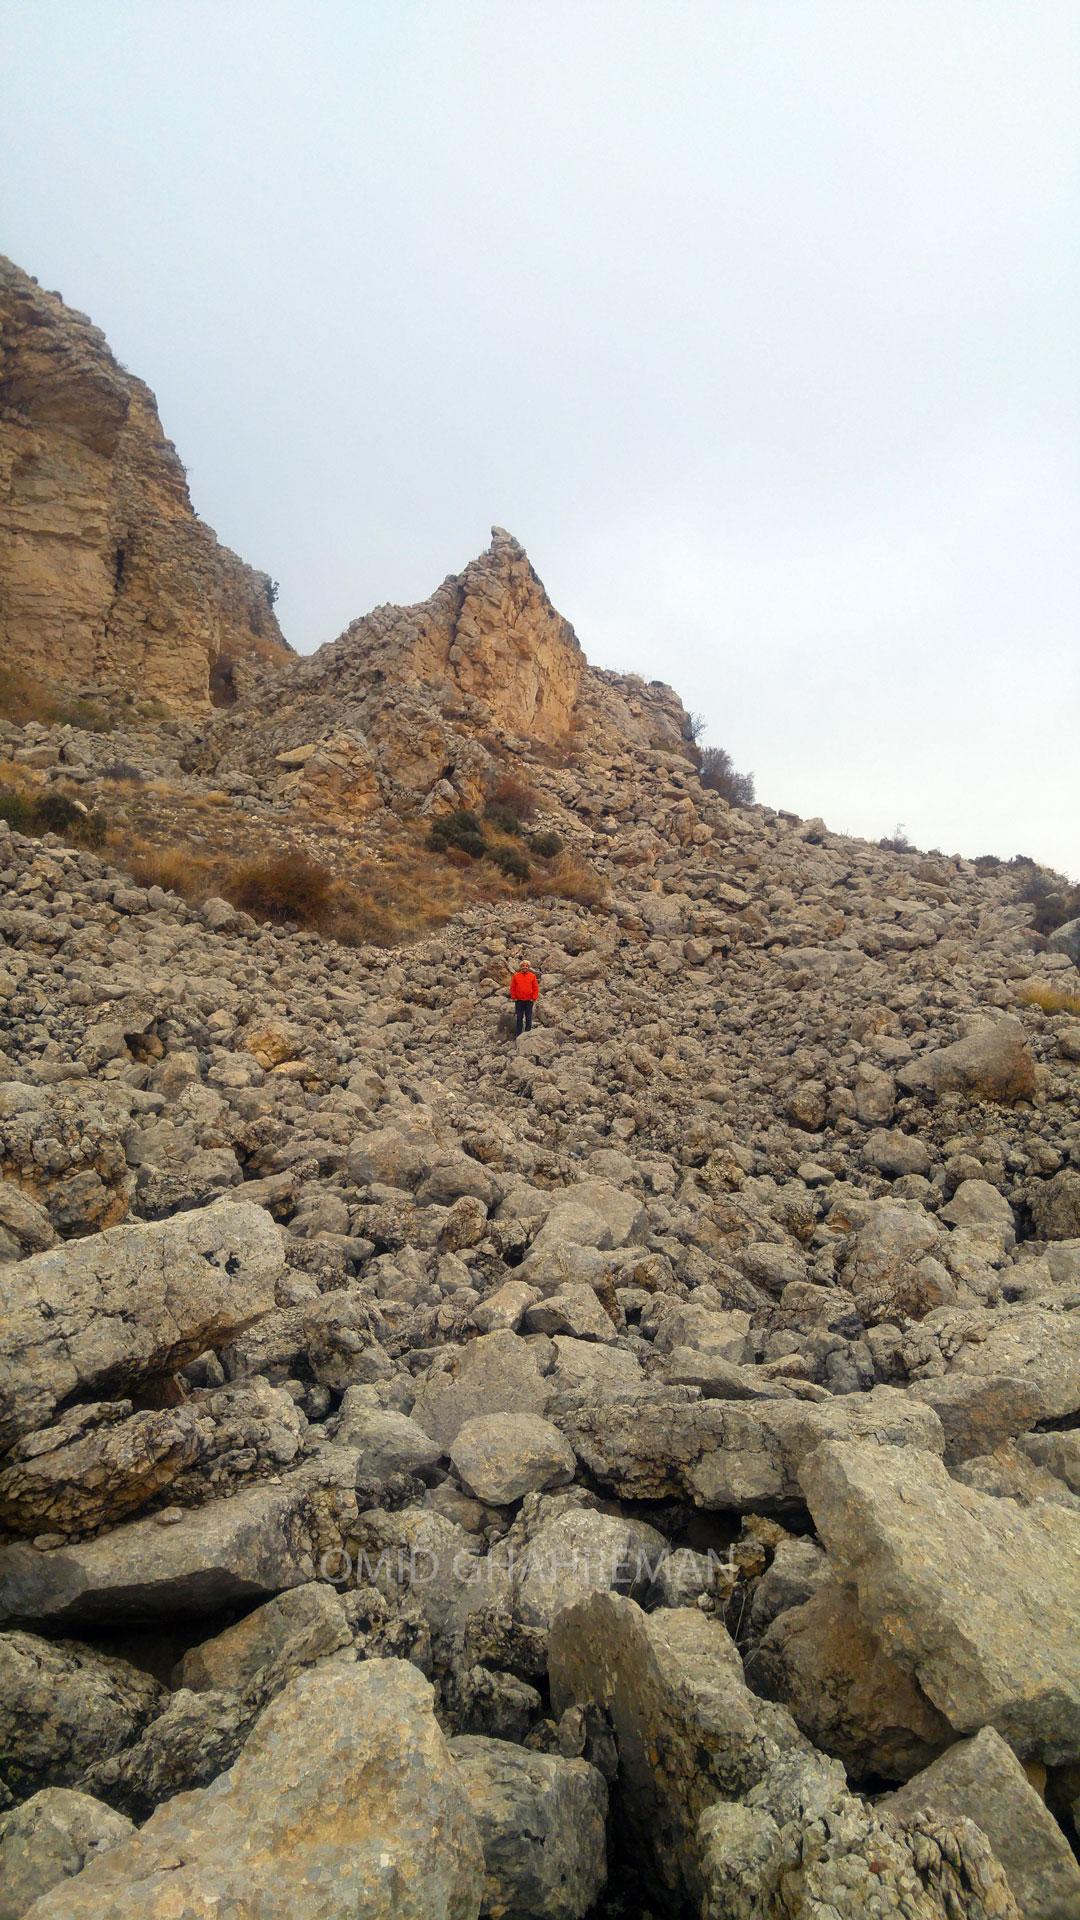 فرسایش کوهستان در کوه پایه های مورس ماکو